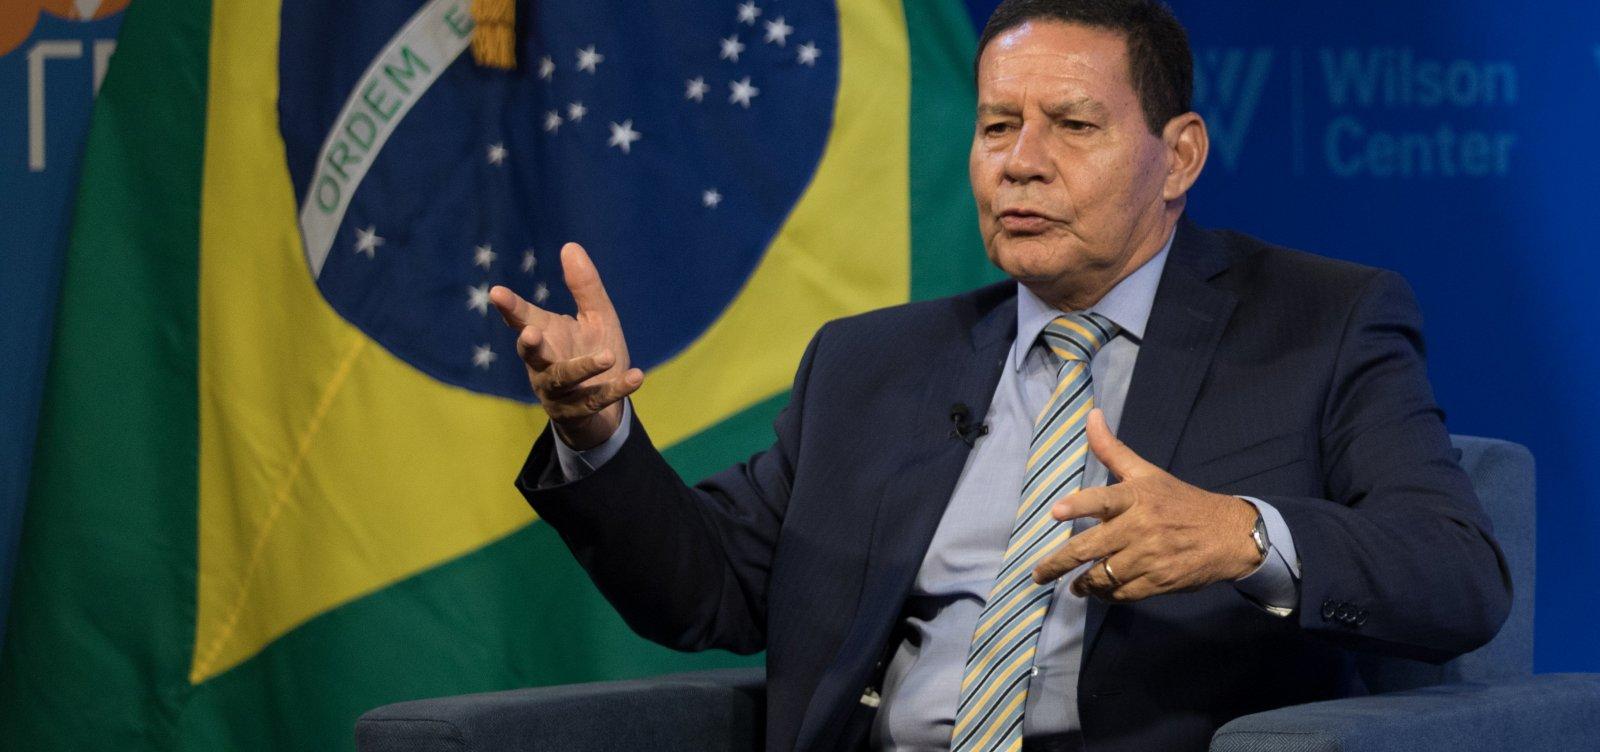 [Assessor que vazou conversa sobre impeachment de Bolsonaro é demitido]